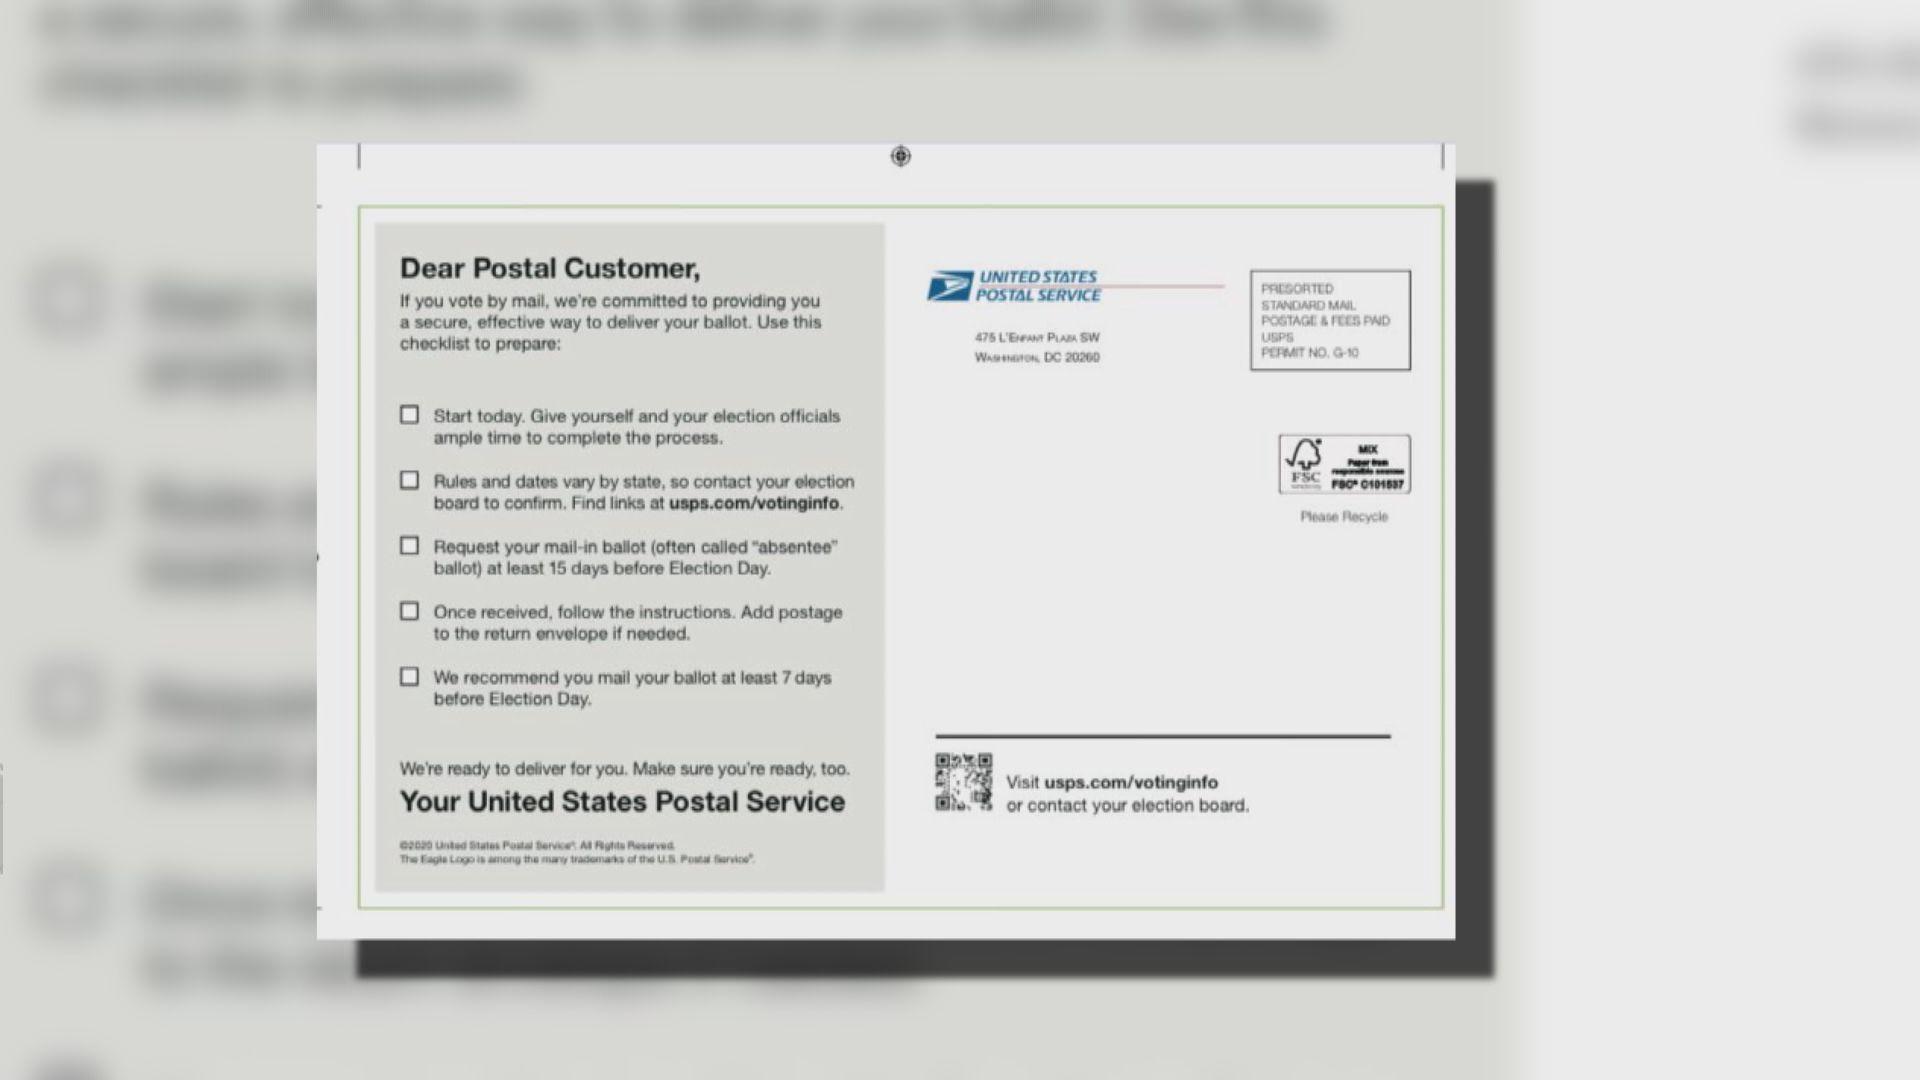 【環球薈報】美國郵政署暫時被禁寄出選前郵件